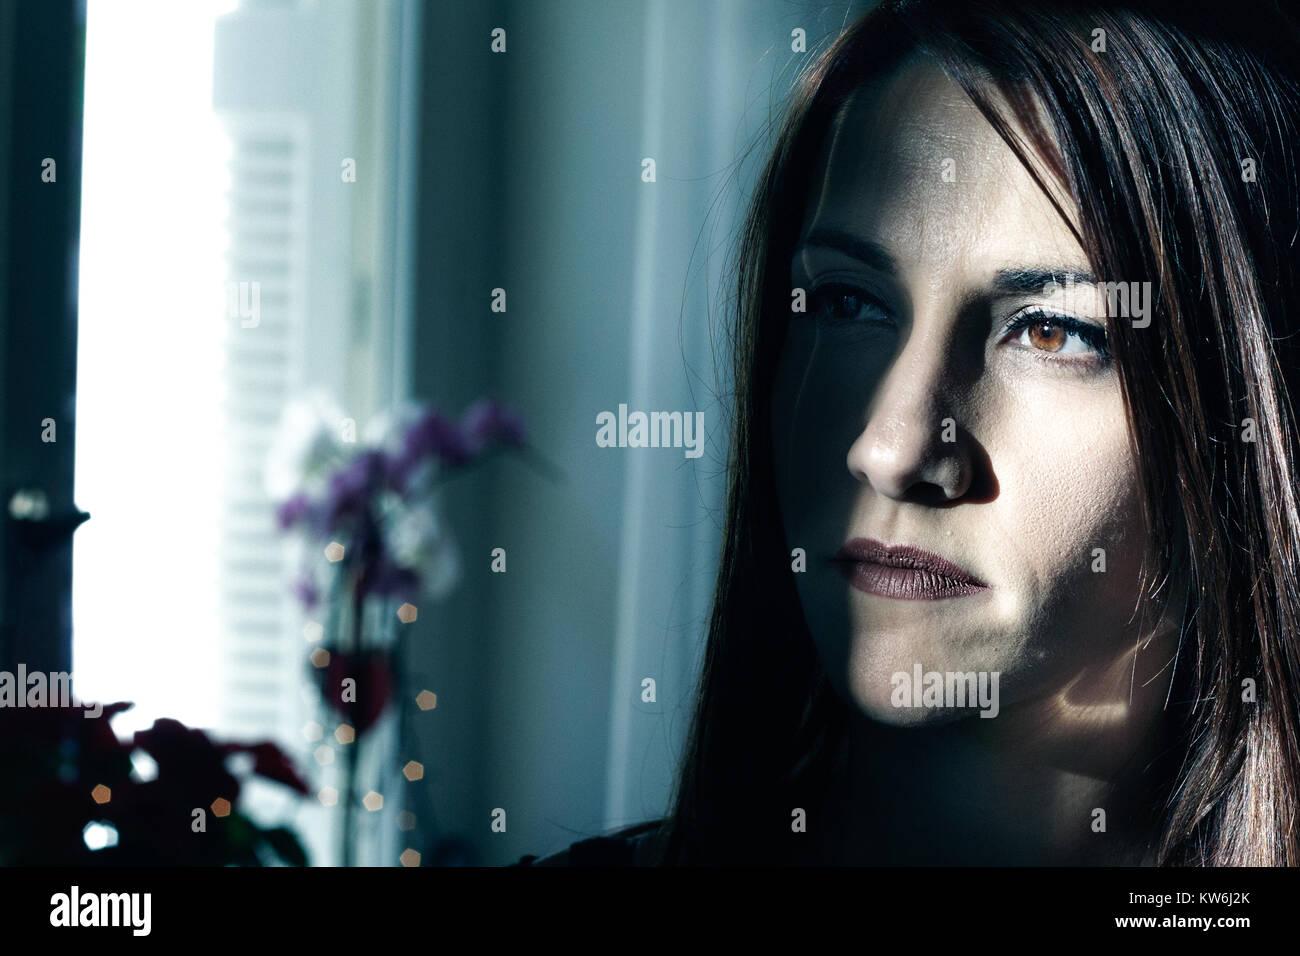 Porträt einer jungen Frau auf der Suche nach Einsamkeit zum Ausdruck bringt, nachdenklich, Low Key Licht. Stockbild